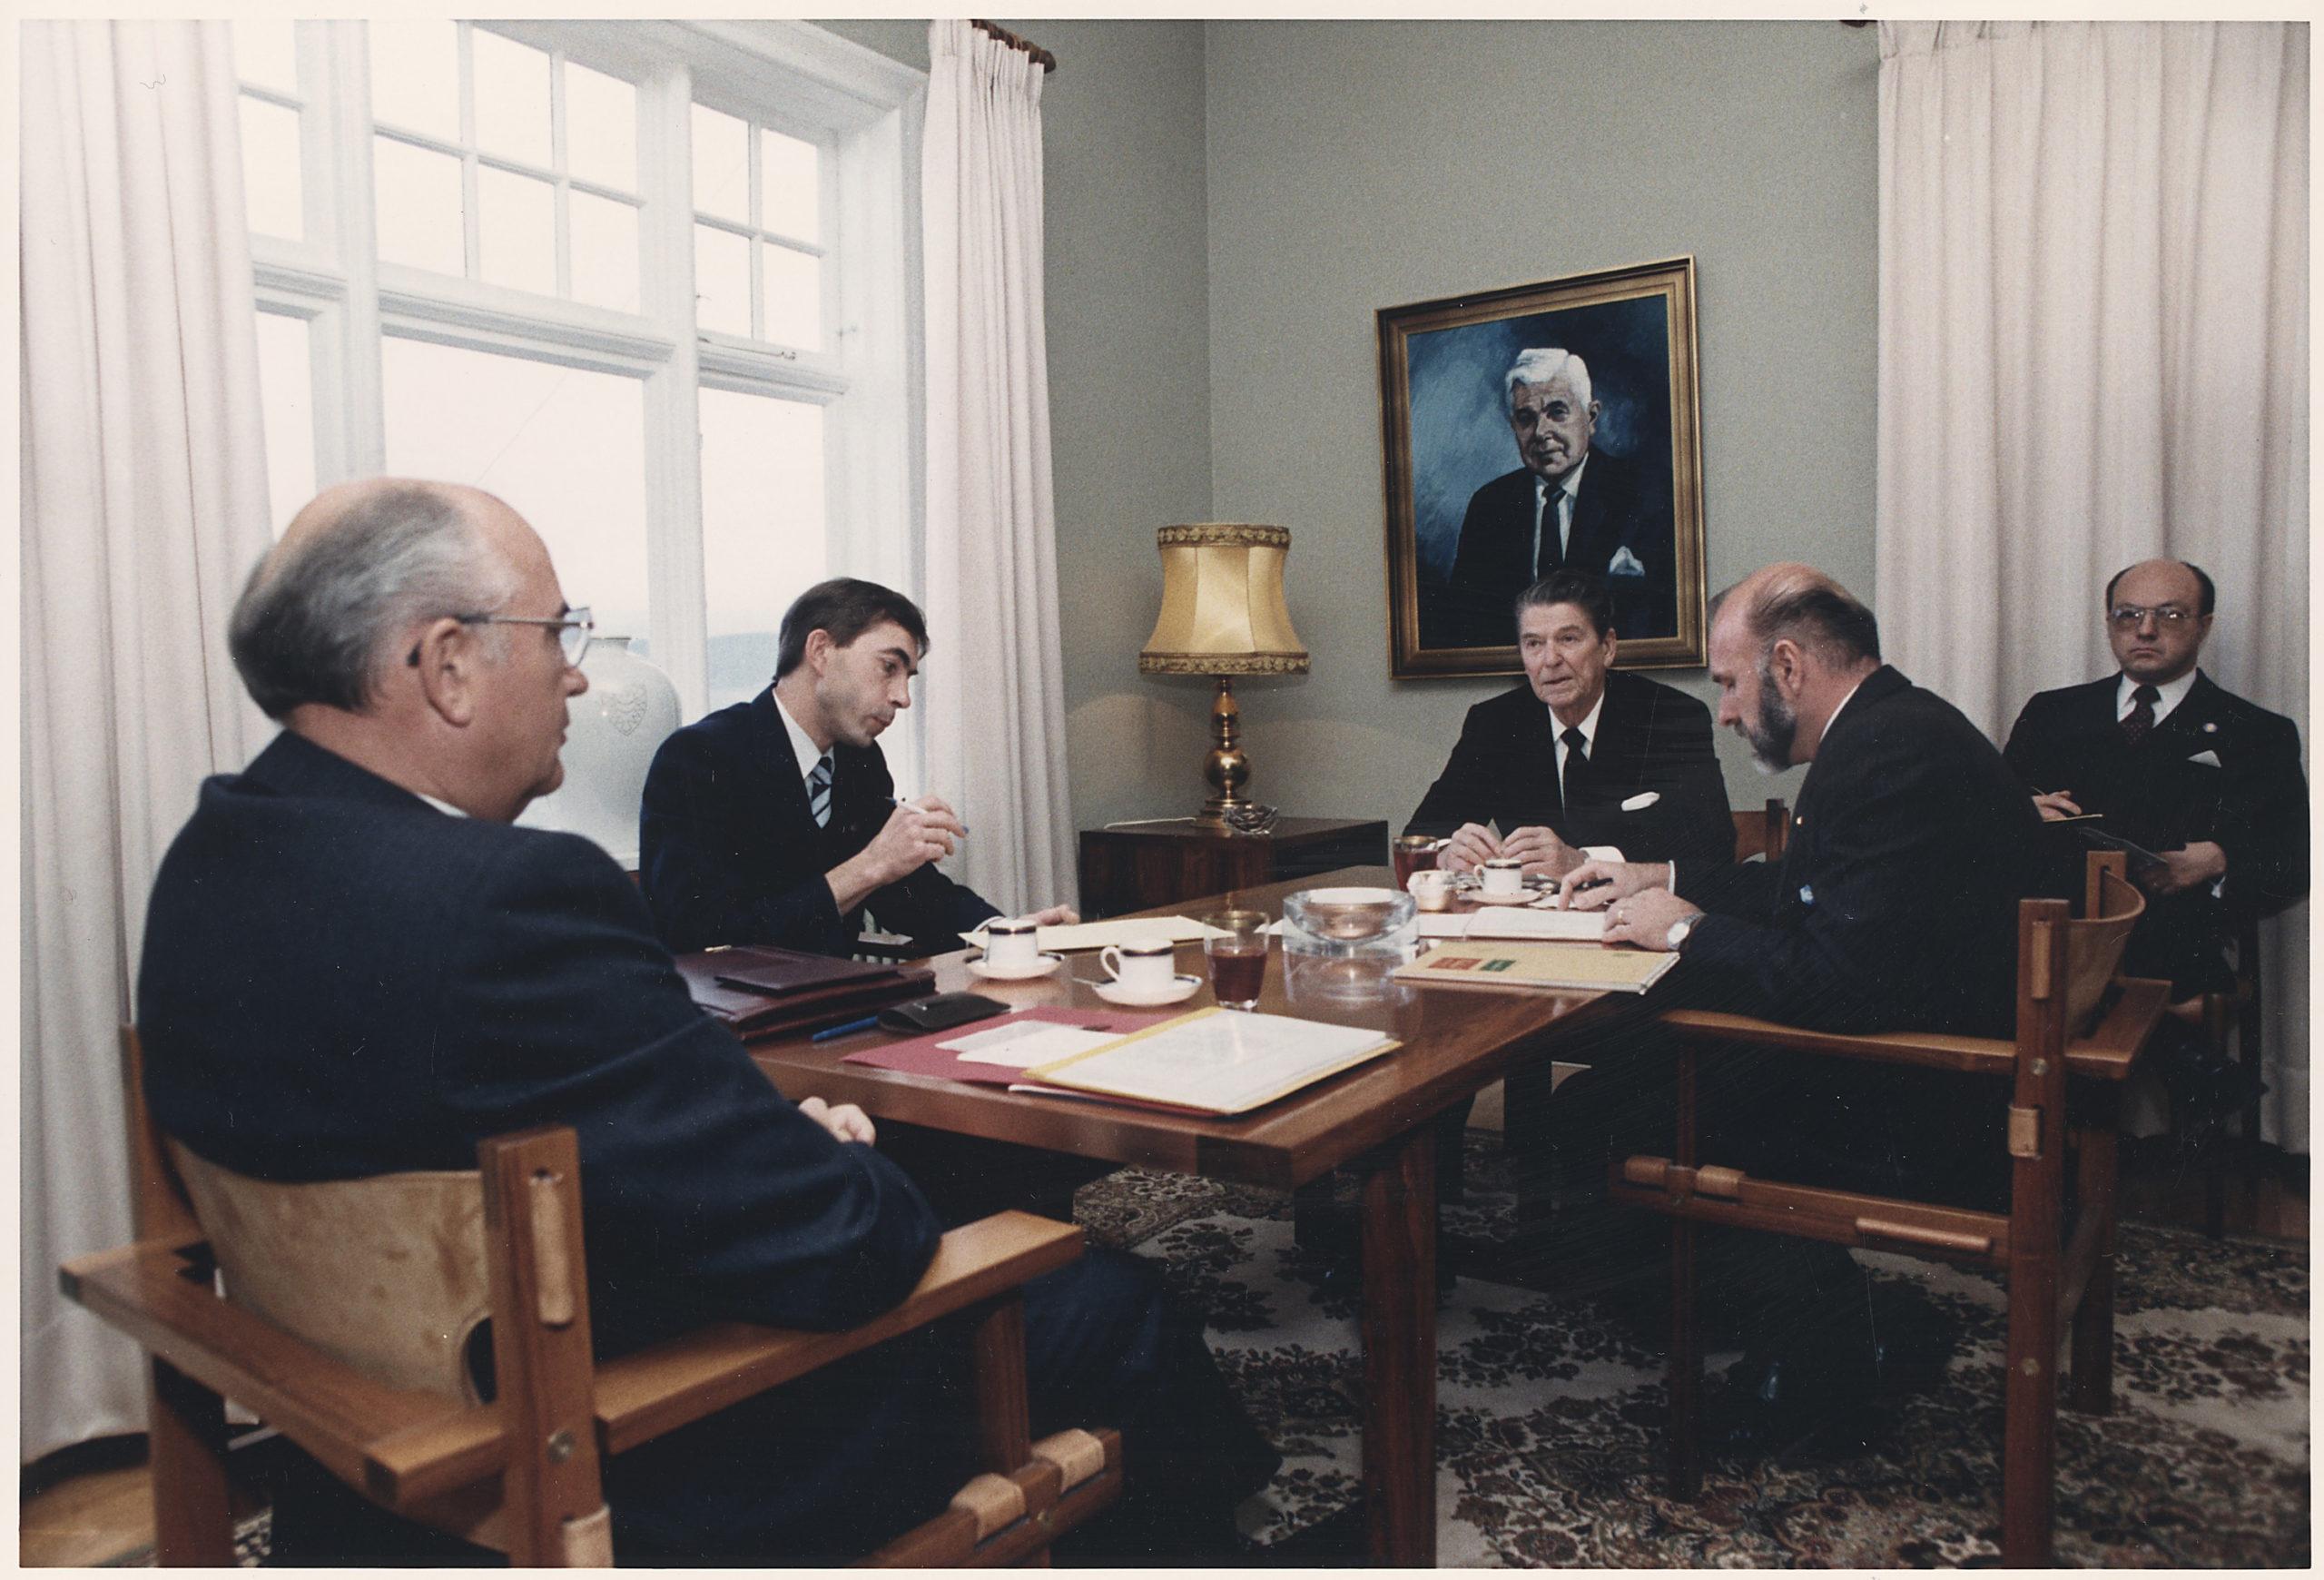 Yhdysvaltain presidentti Ronald Reagan (kesk.) ja Neuvostoliiton kommunistisen puolueen pääsihteeri Mihail Gorbatšov (selin) neuvottelivat muun muassa ydinaseiden vähentämisestä Reykjavikissa lokakuussa 1986. // KUVA: WIKIMEDIA COMMONS